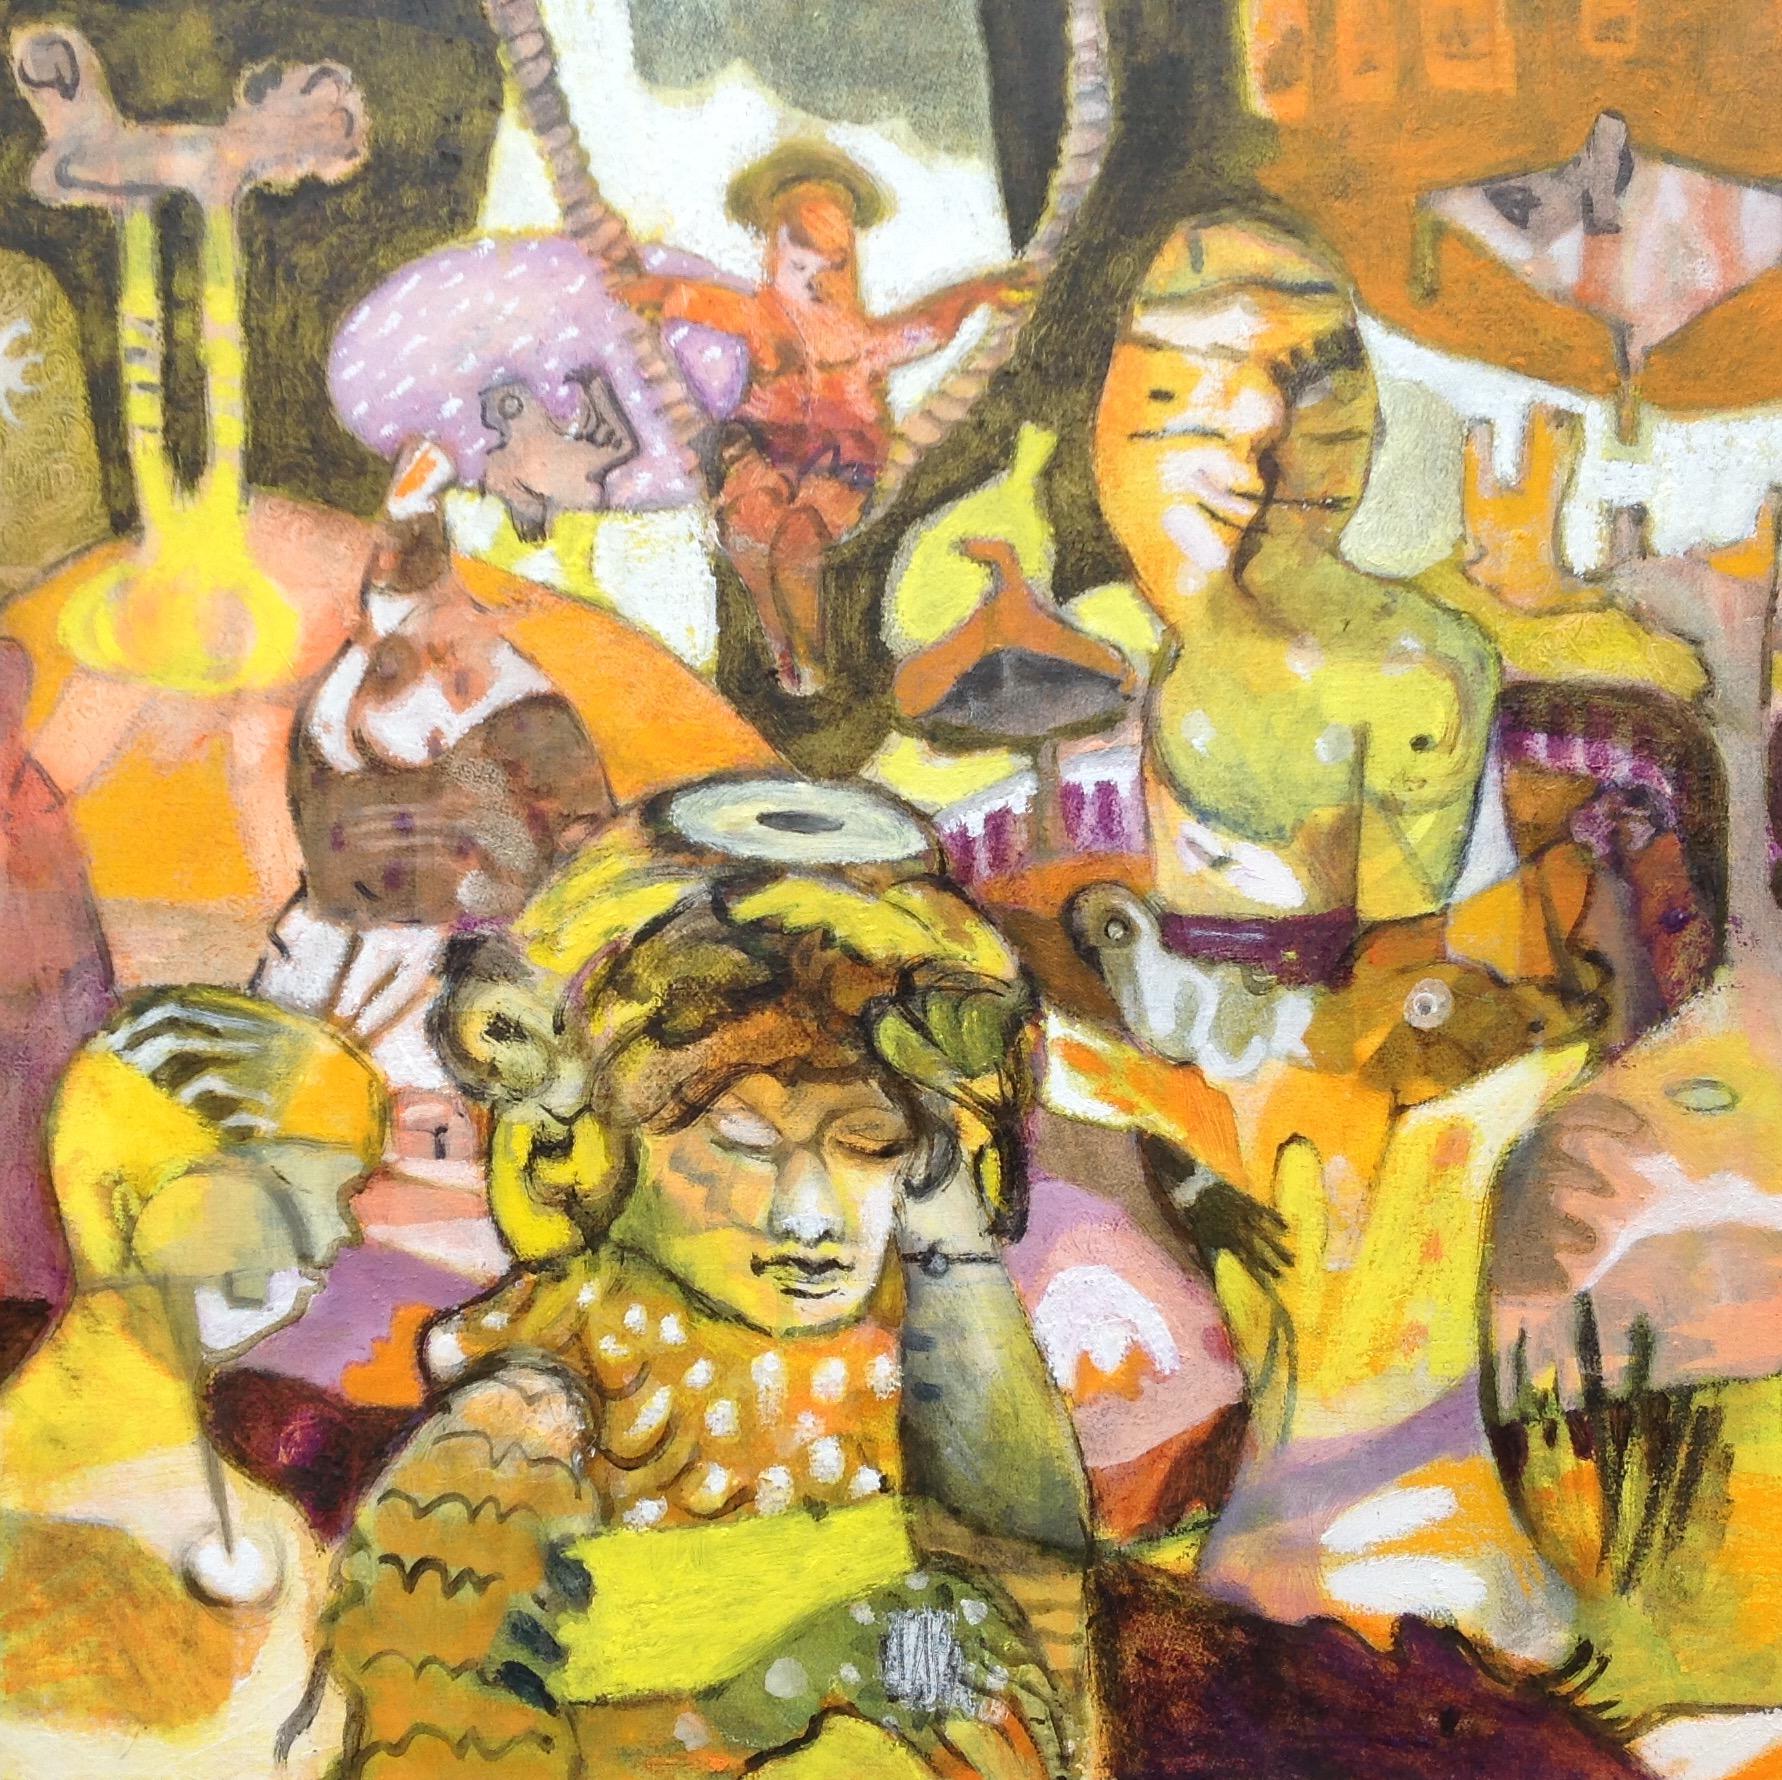 Orakel von Amtoft, oil on canvas, 80x80cm